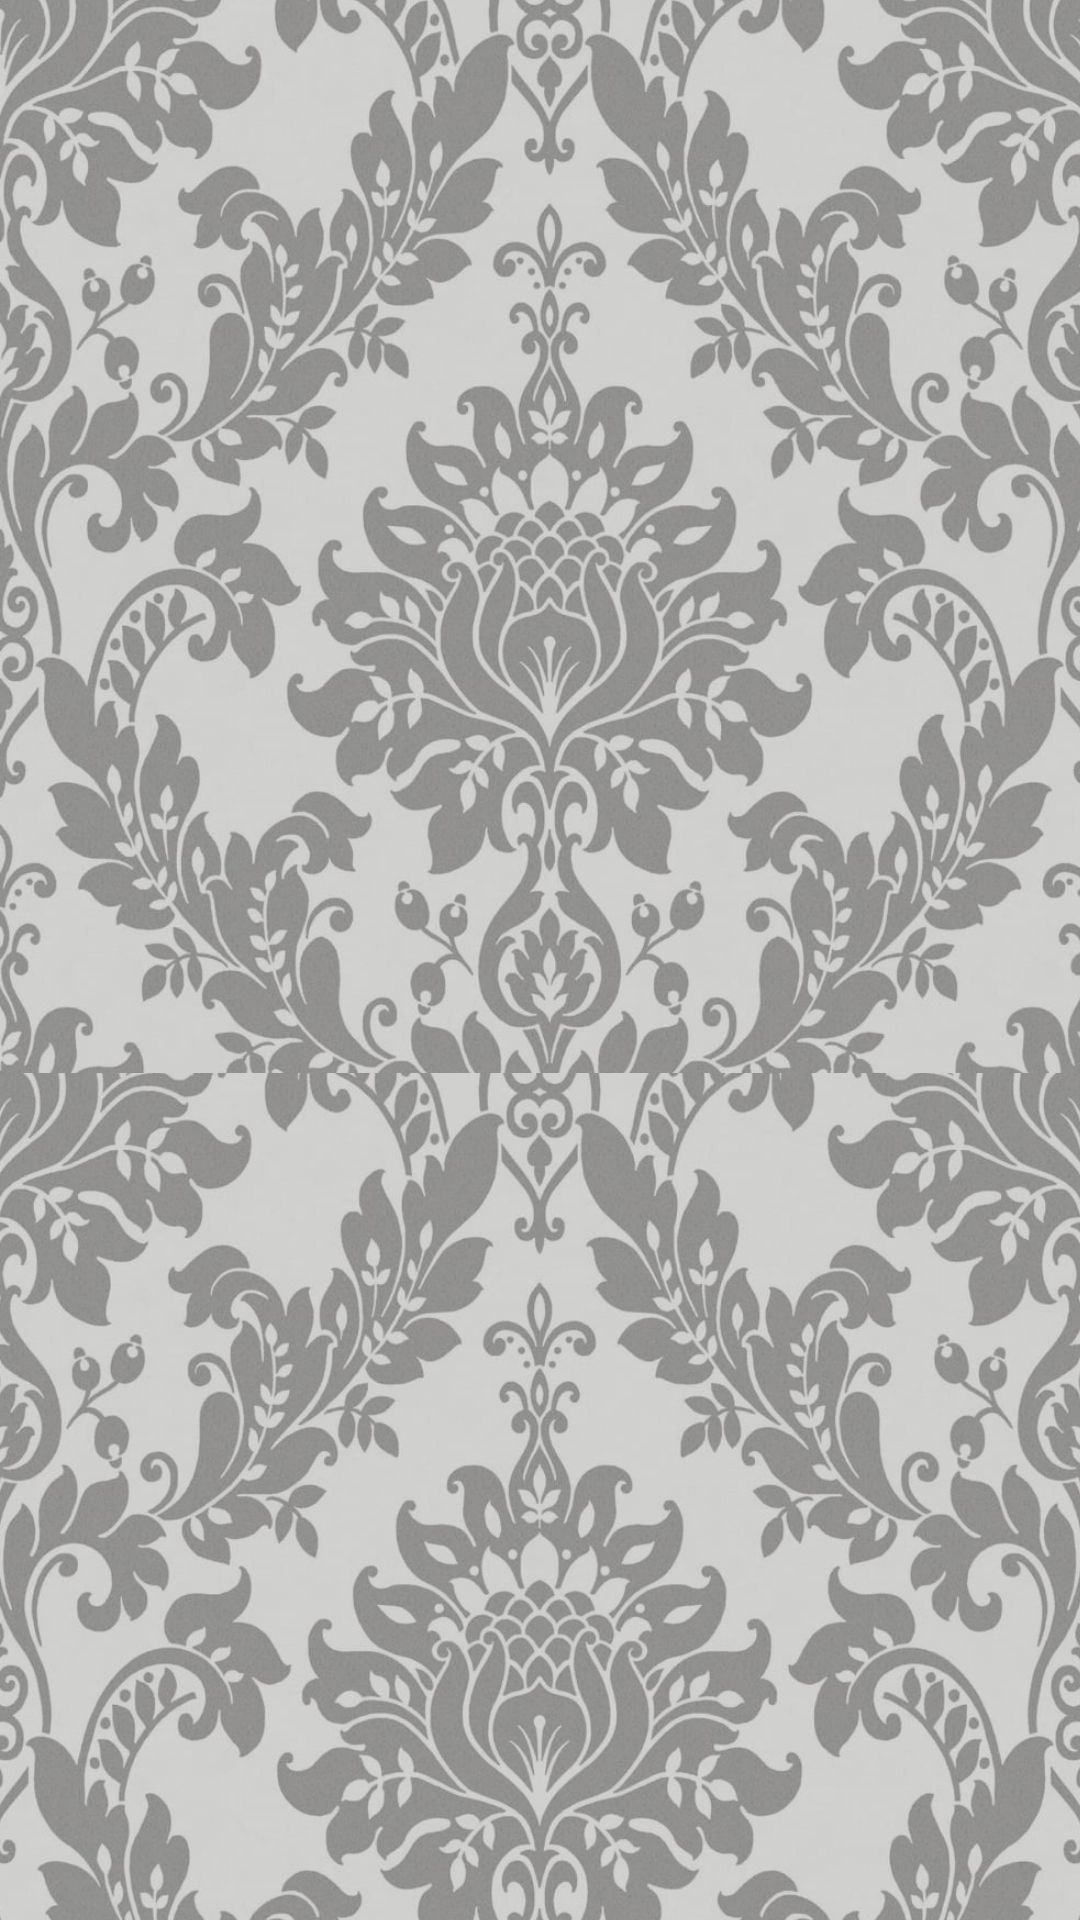 Designer Interiors Clara Damask Wallpaper Dark Grey Damask Wallpaper Vintage Floral Wallpapers Floral Wallpaper